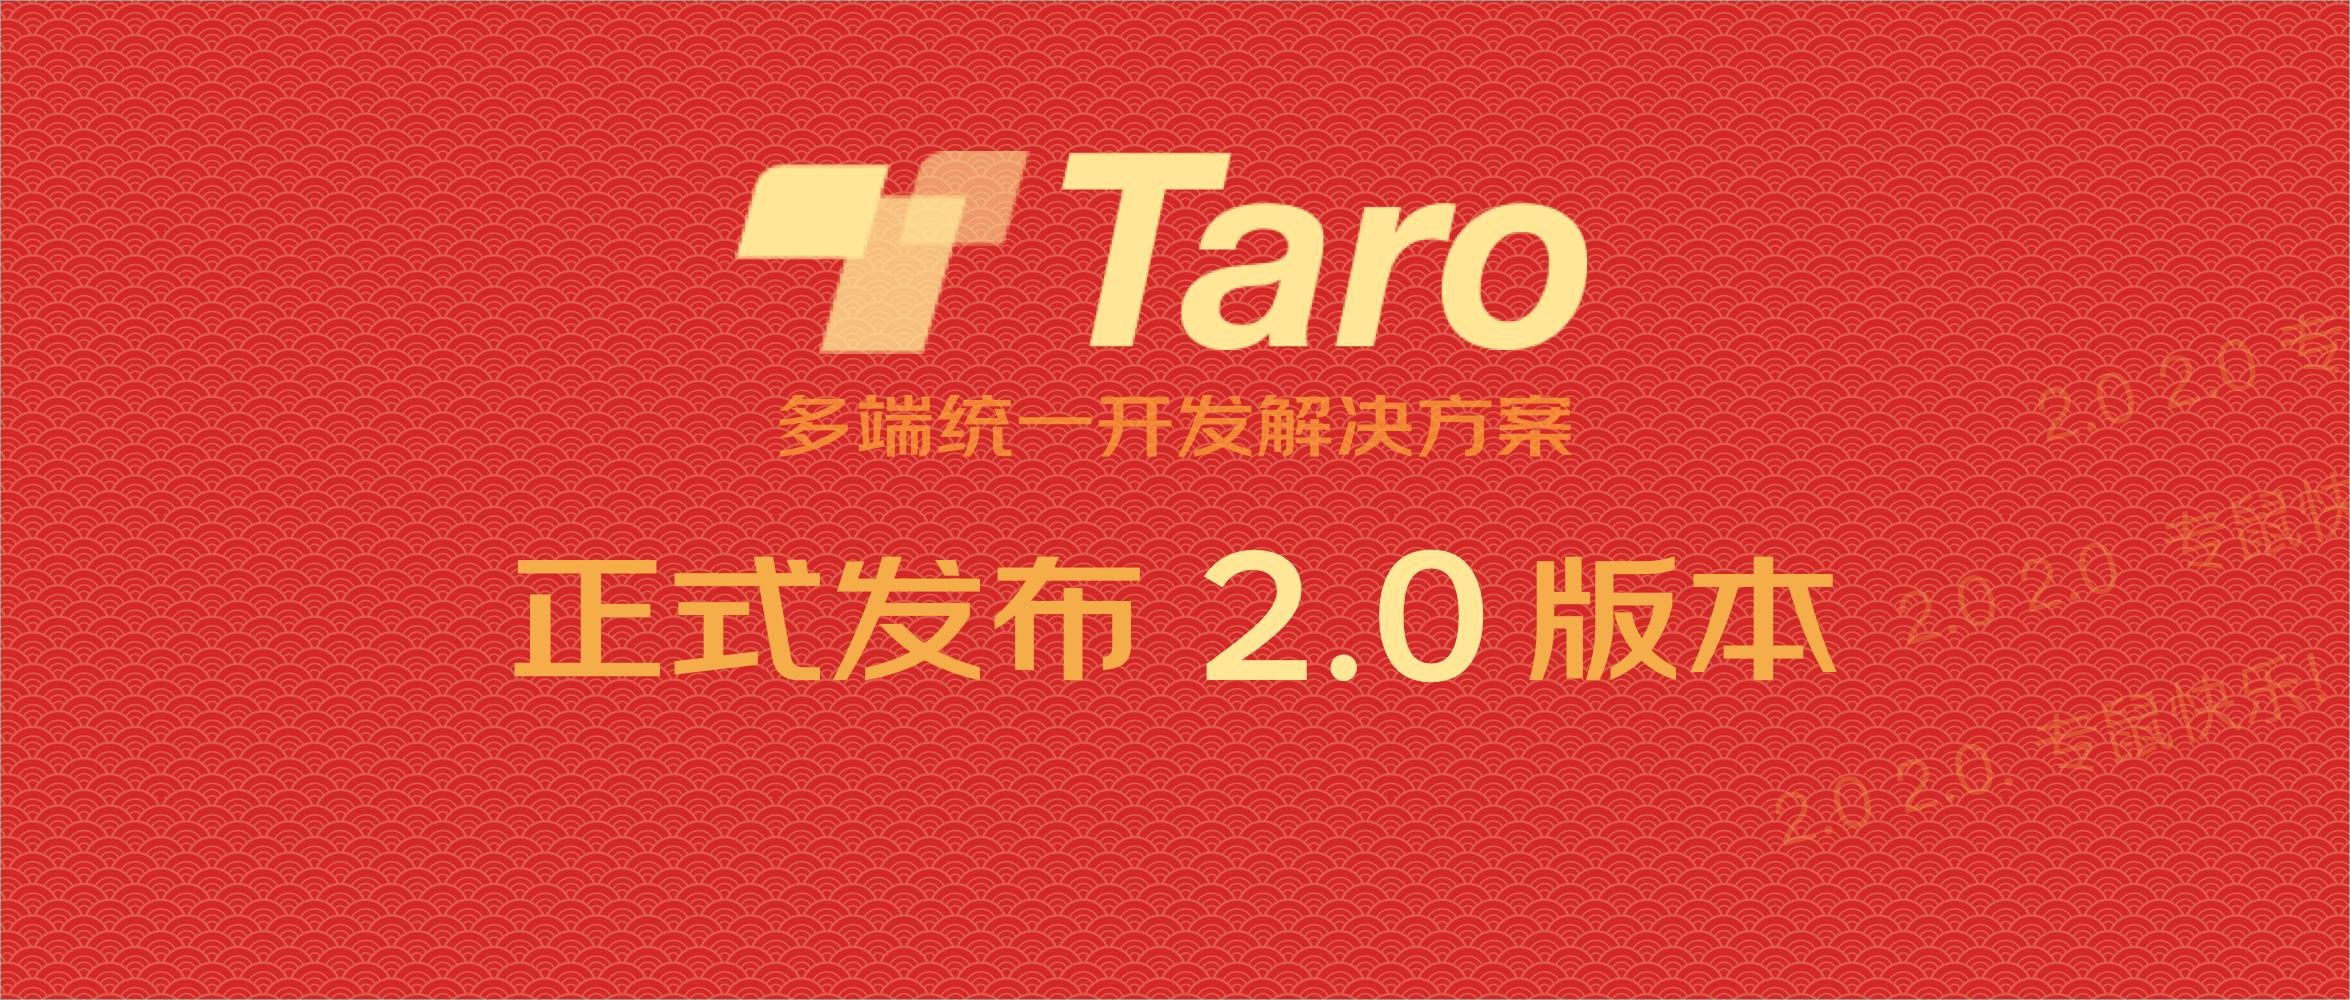 Taro 2.0:拥抱社区,拥抱变化